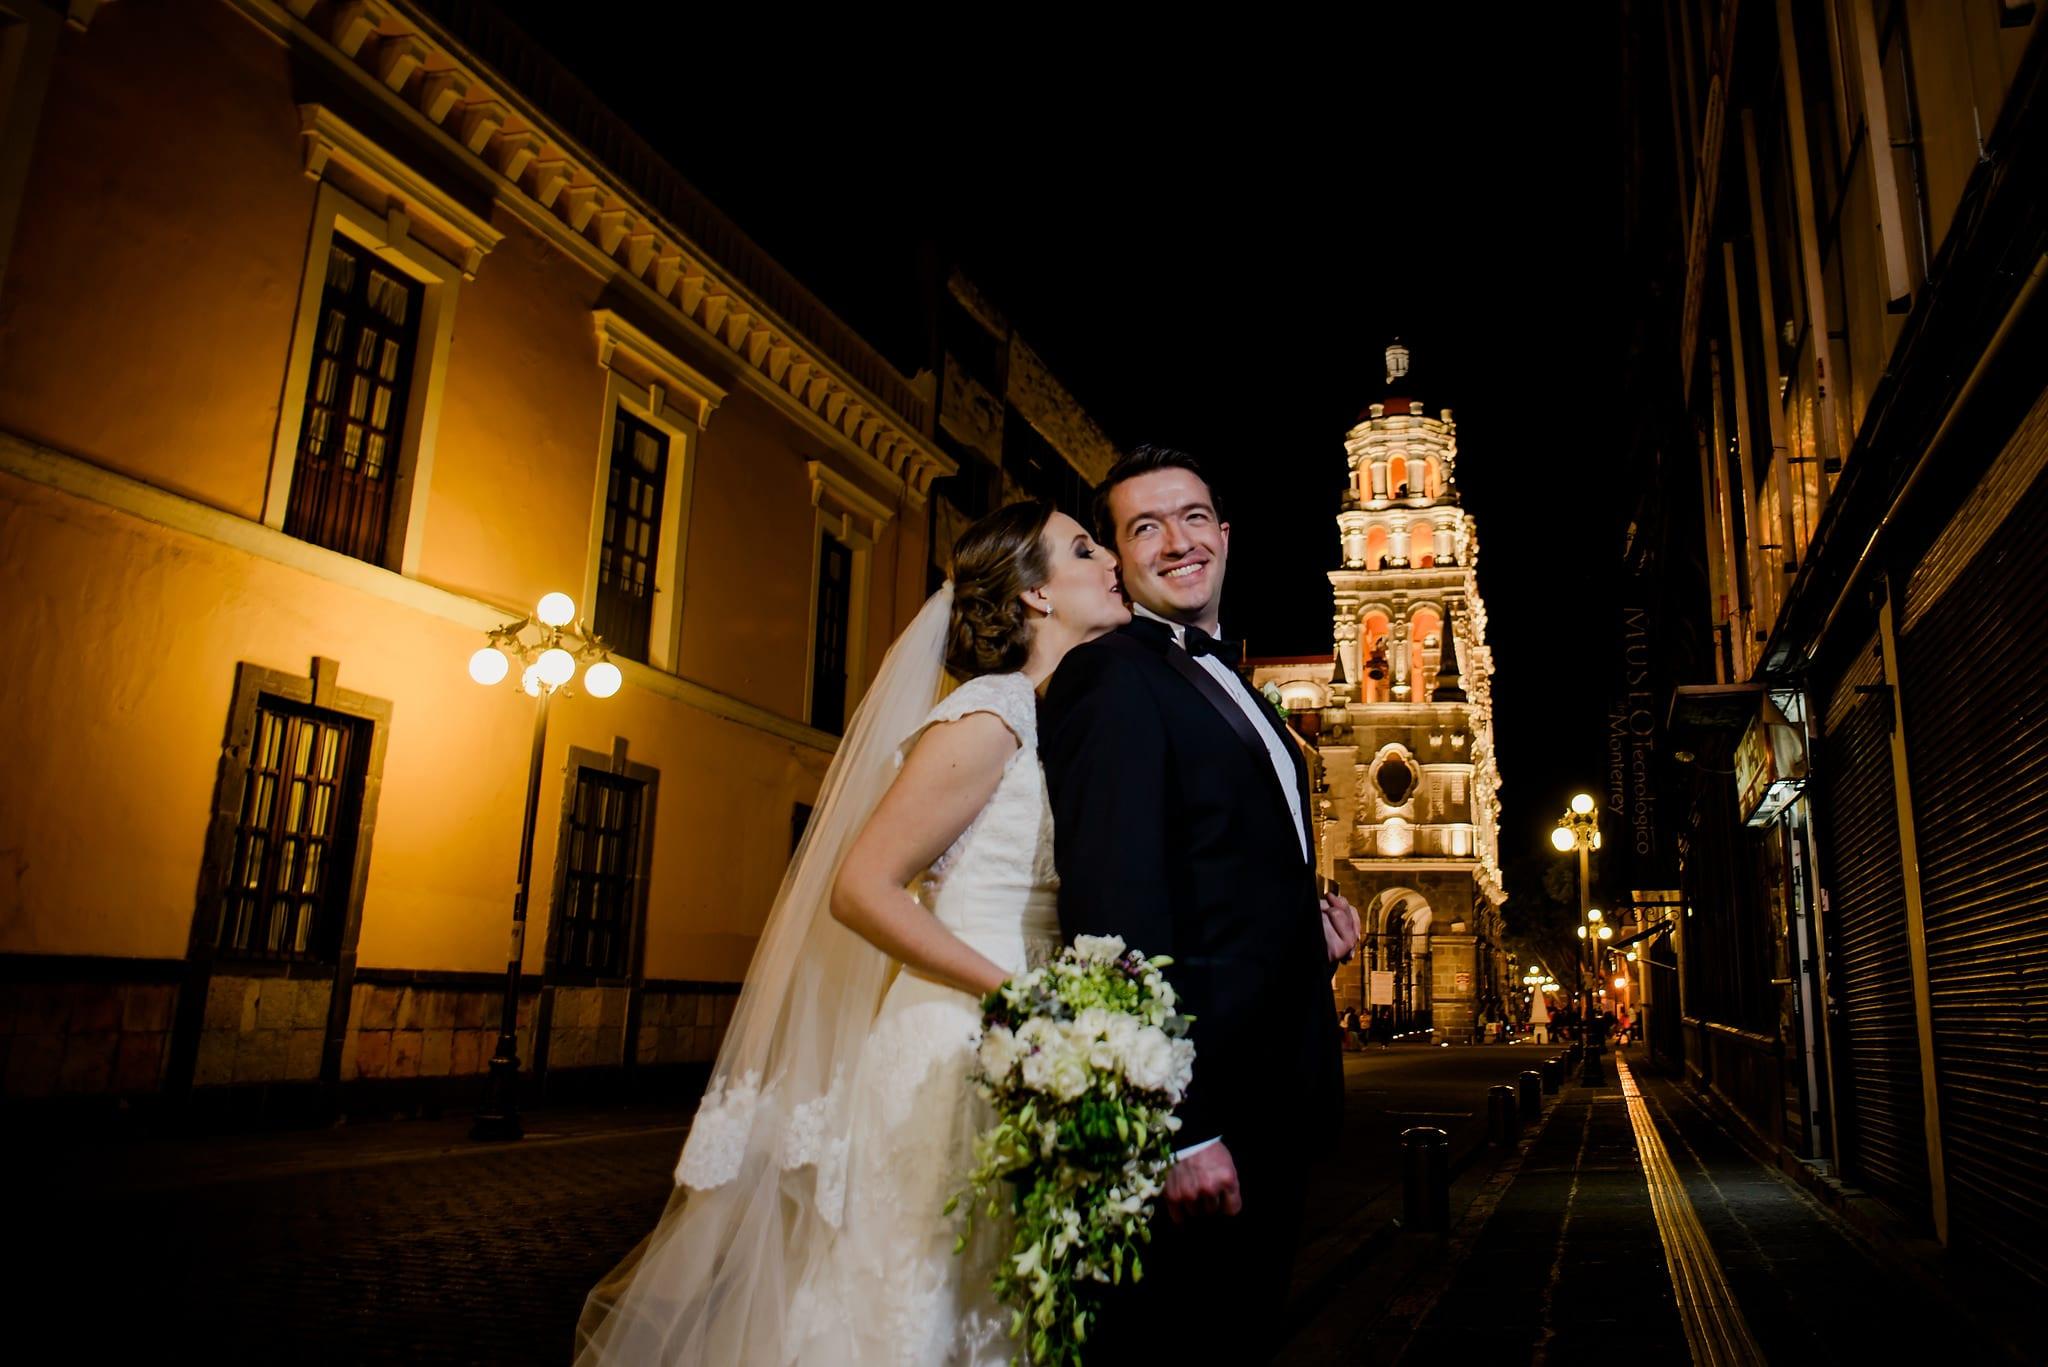 bodas-en-puebla-museo-de-san-pedro-la-compañia-0918